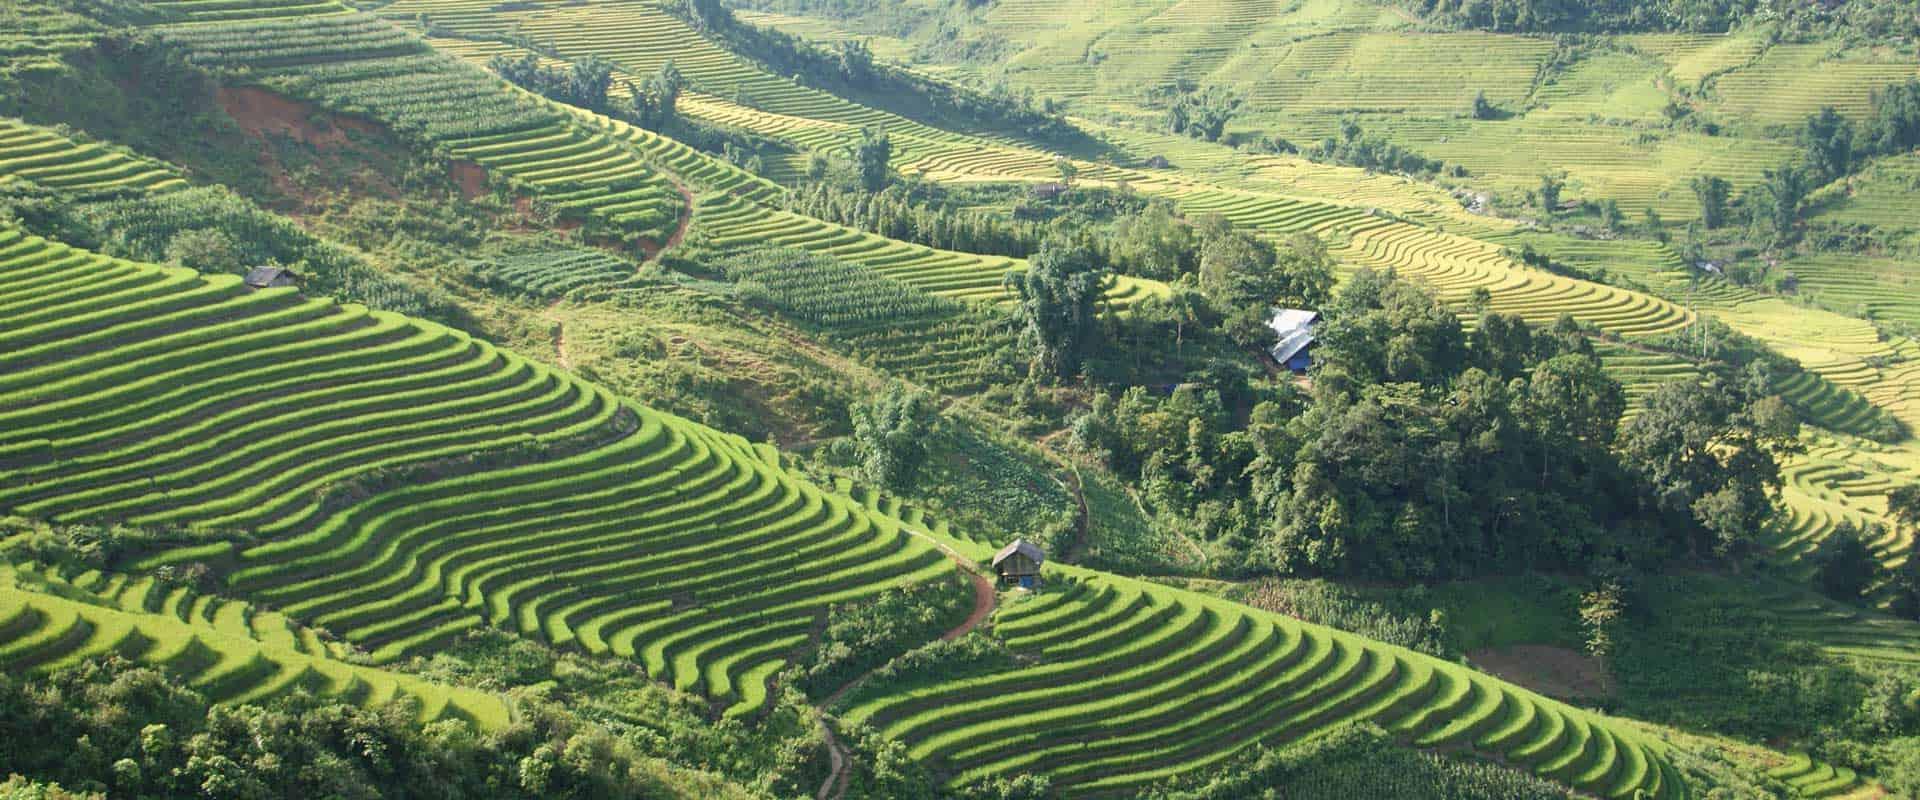 les rizières à Sapa